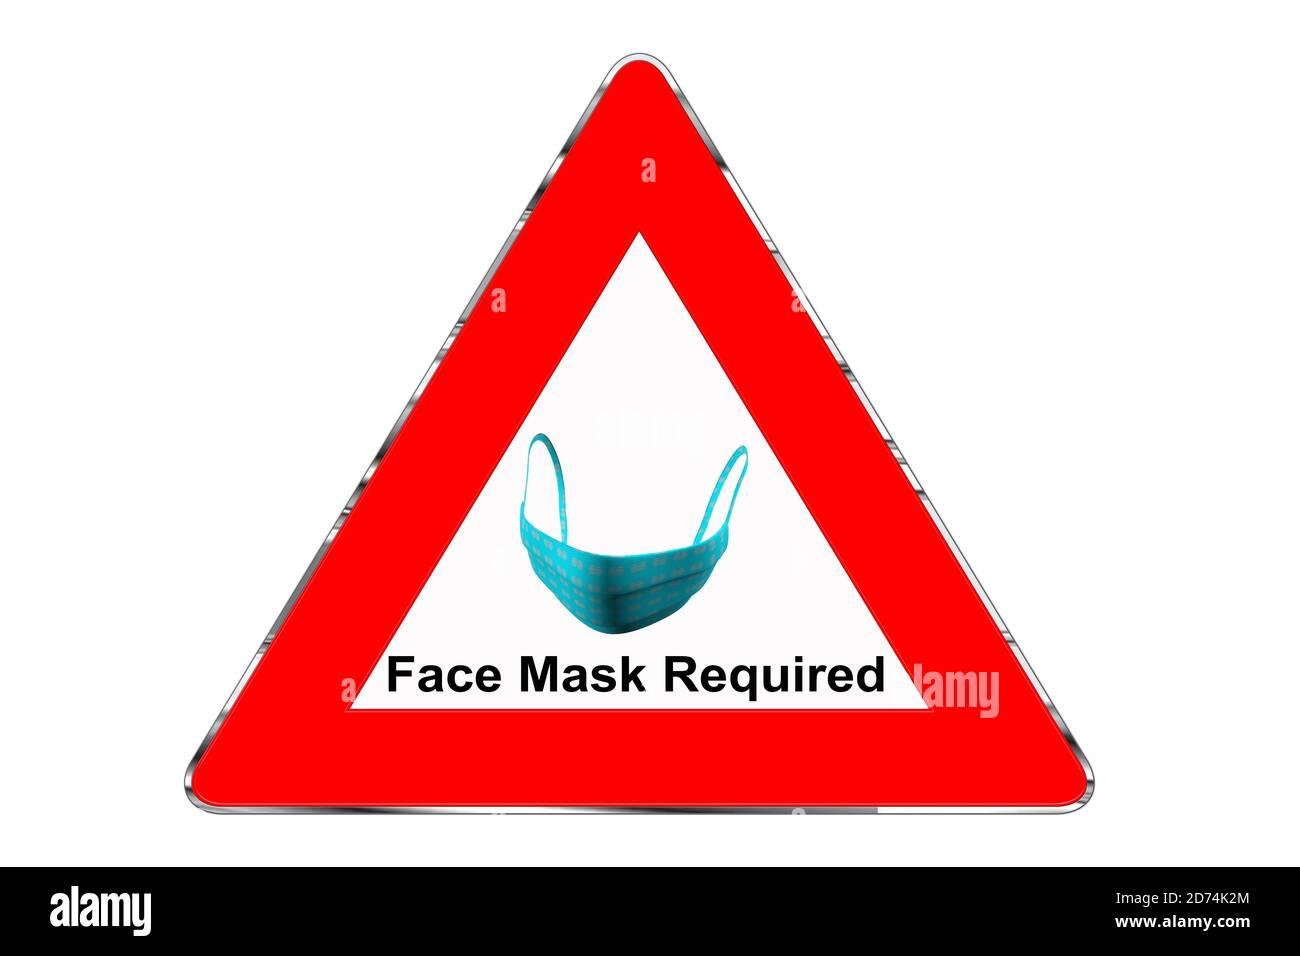 Warndreieck mit FFP2 Maske und Hinweis Maskenpflicht isoliert auf weißem Hintergrund Stock Photo